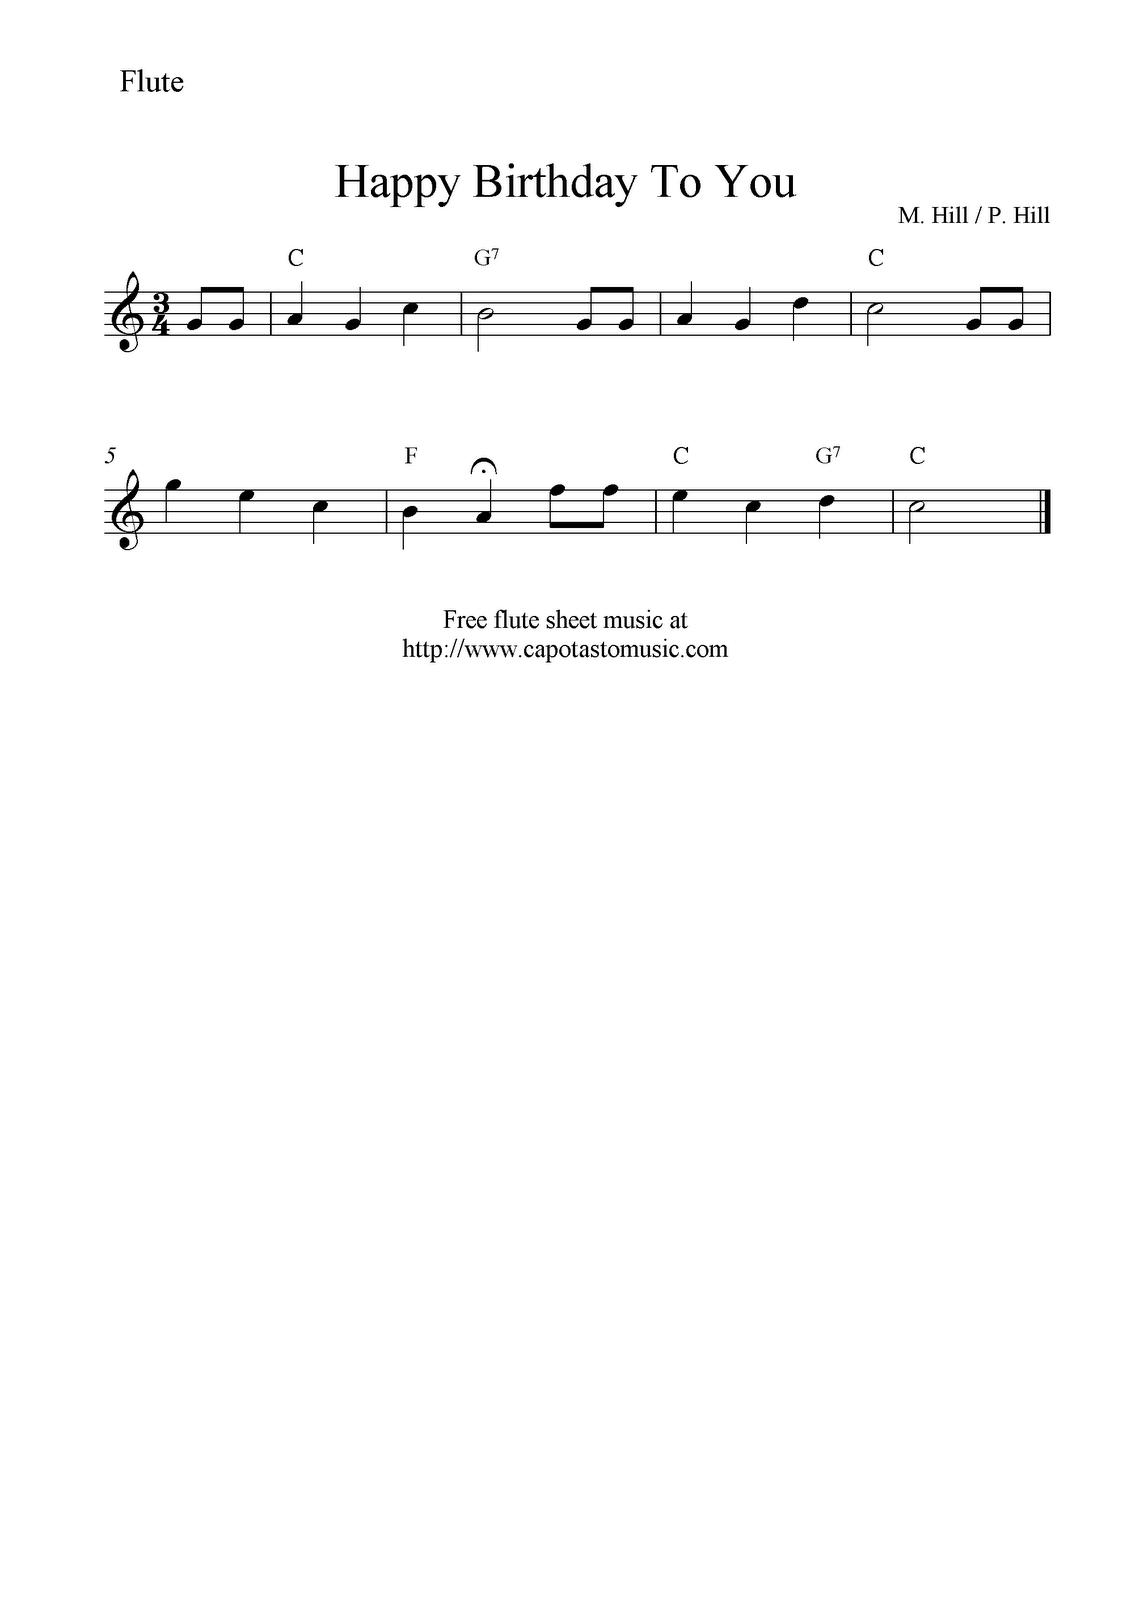 Frozen movie theme song lyrics